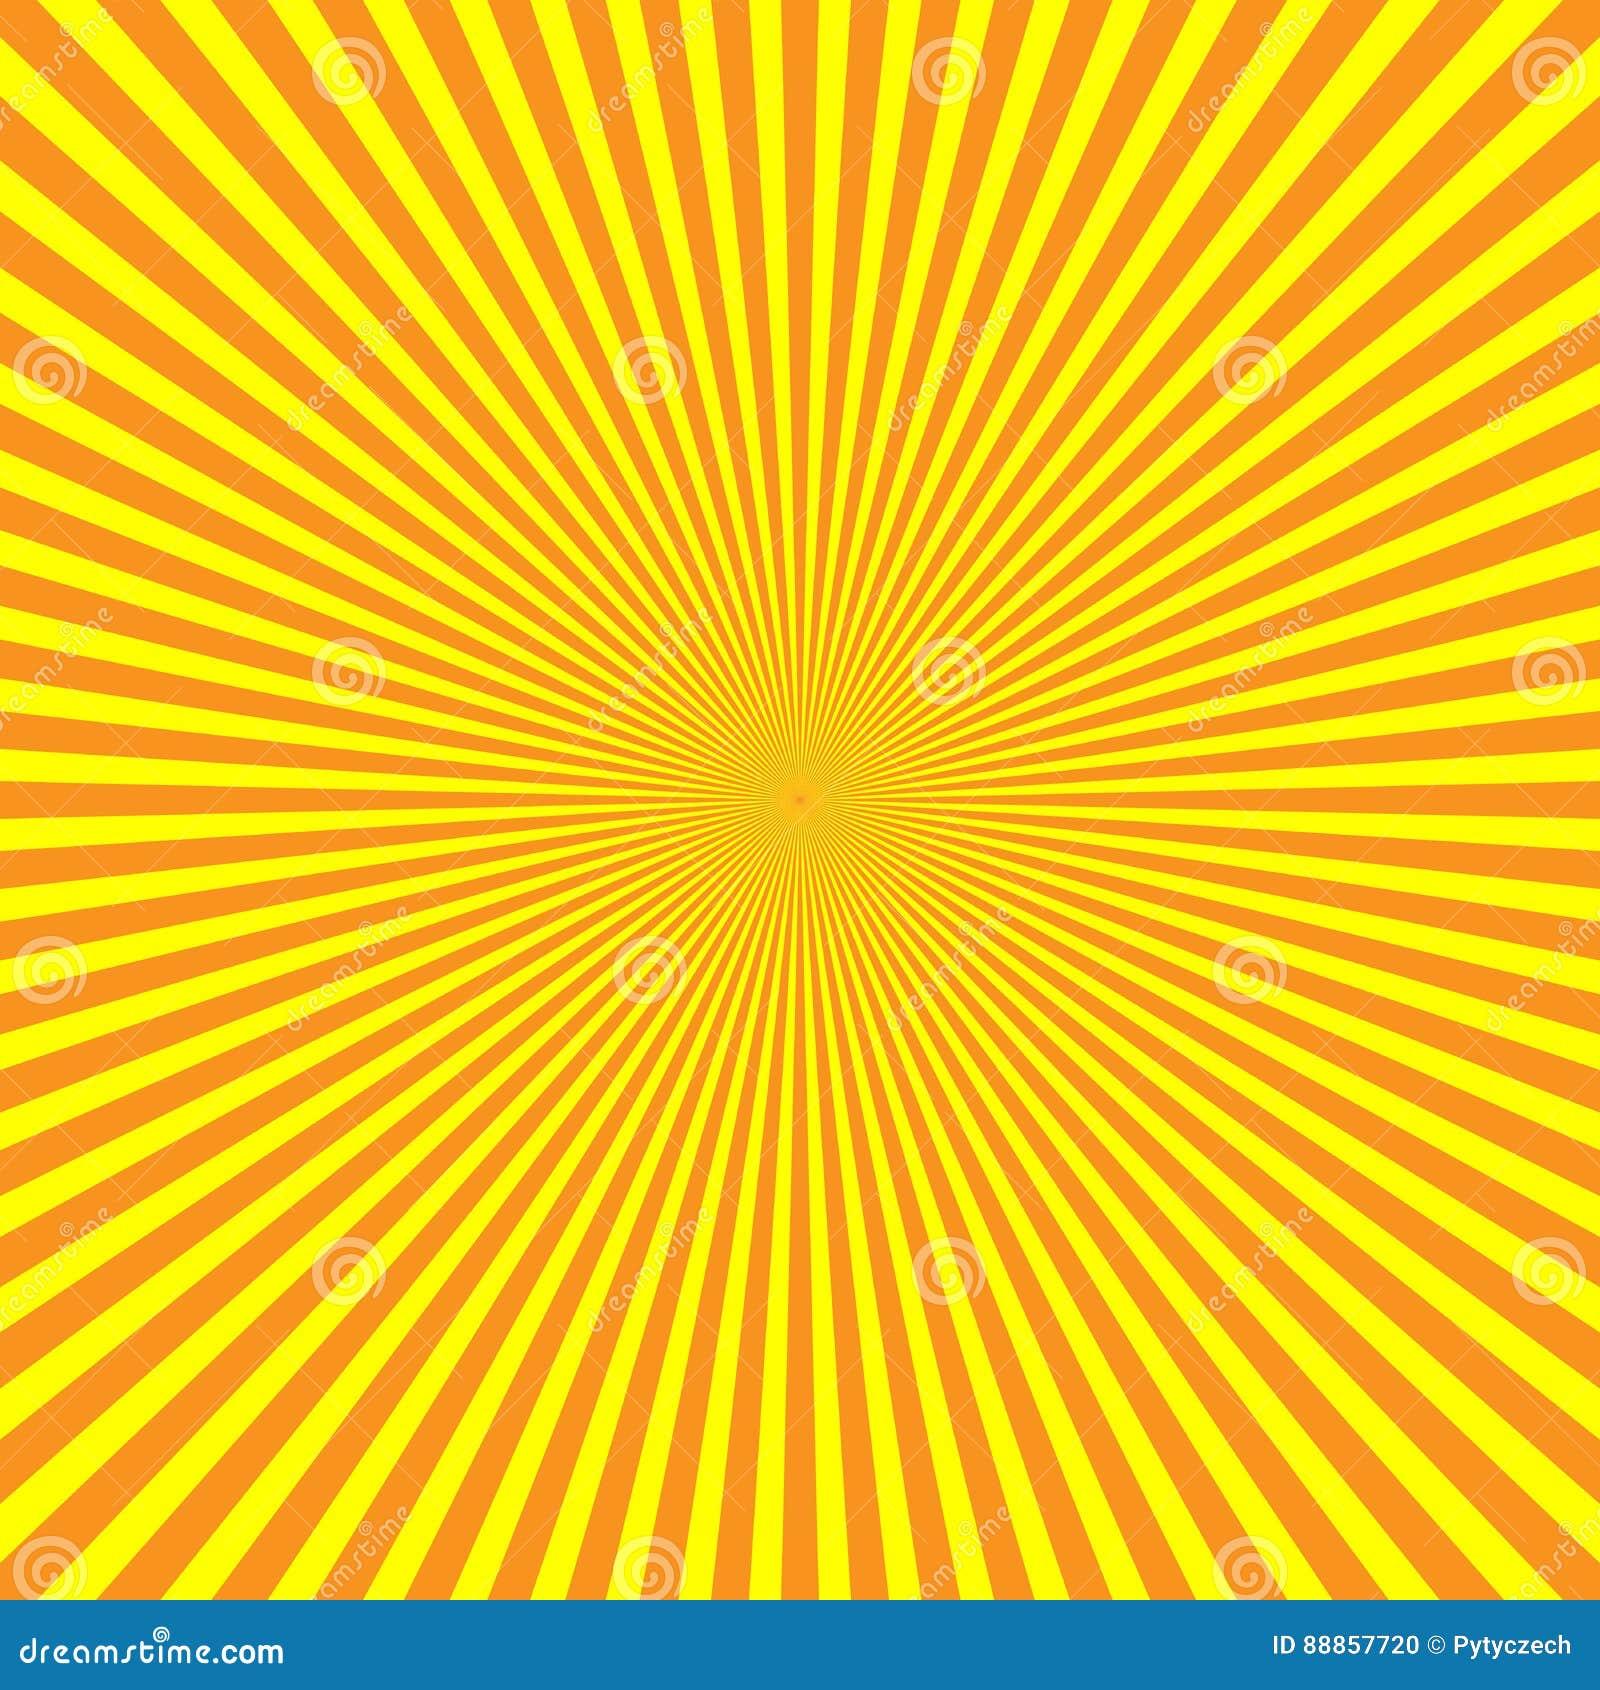 Raggi di luce giallo arancione nella disposizione radiale Il sole irradia il tema Reticolo astratto della priorità bassa Vettore